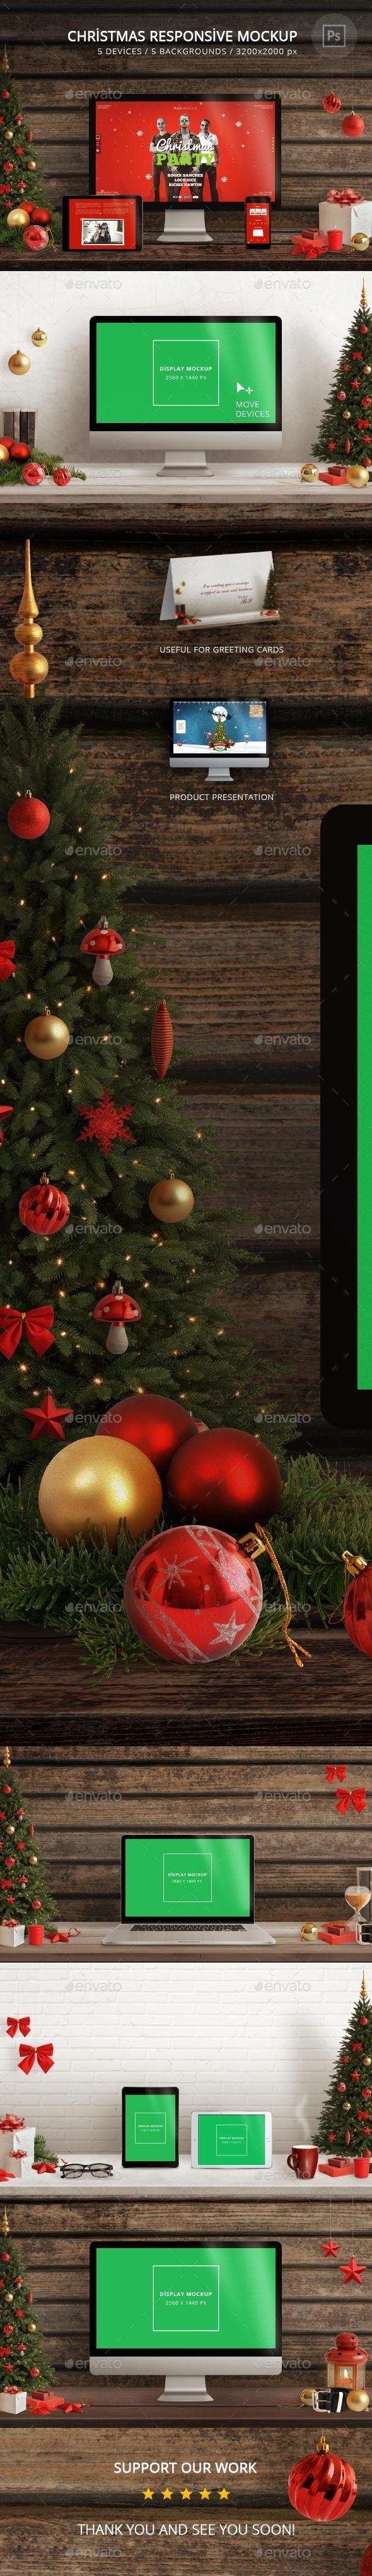 Christmas Responsive Mockup - Displays Product Mock-Ups